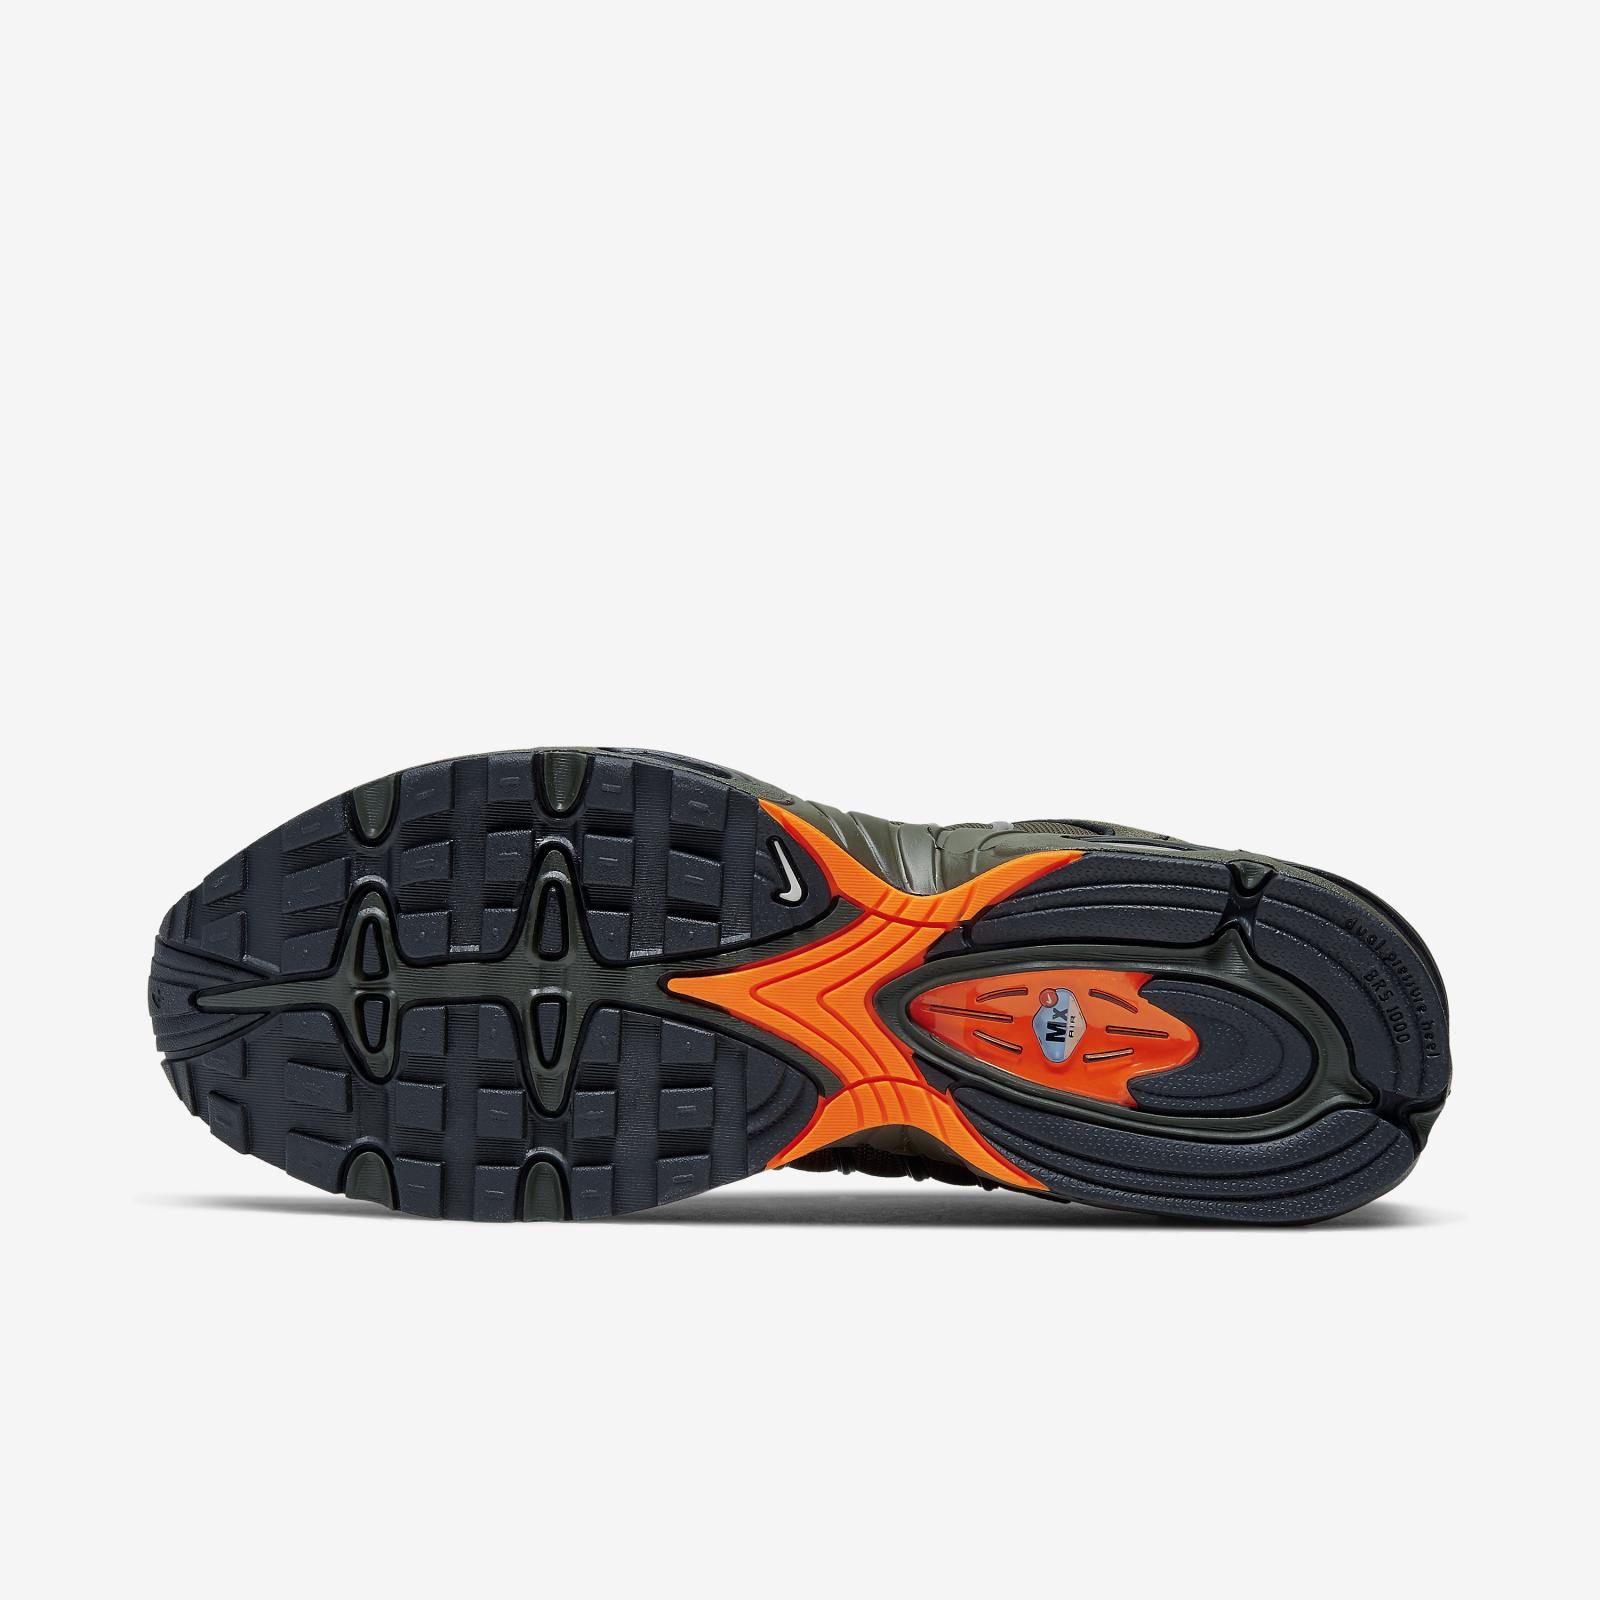 XXXX - CJ9681-300 - 102.png